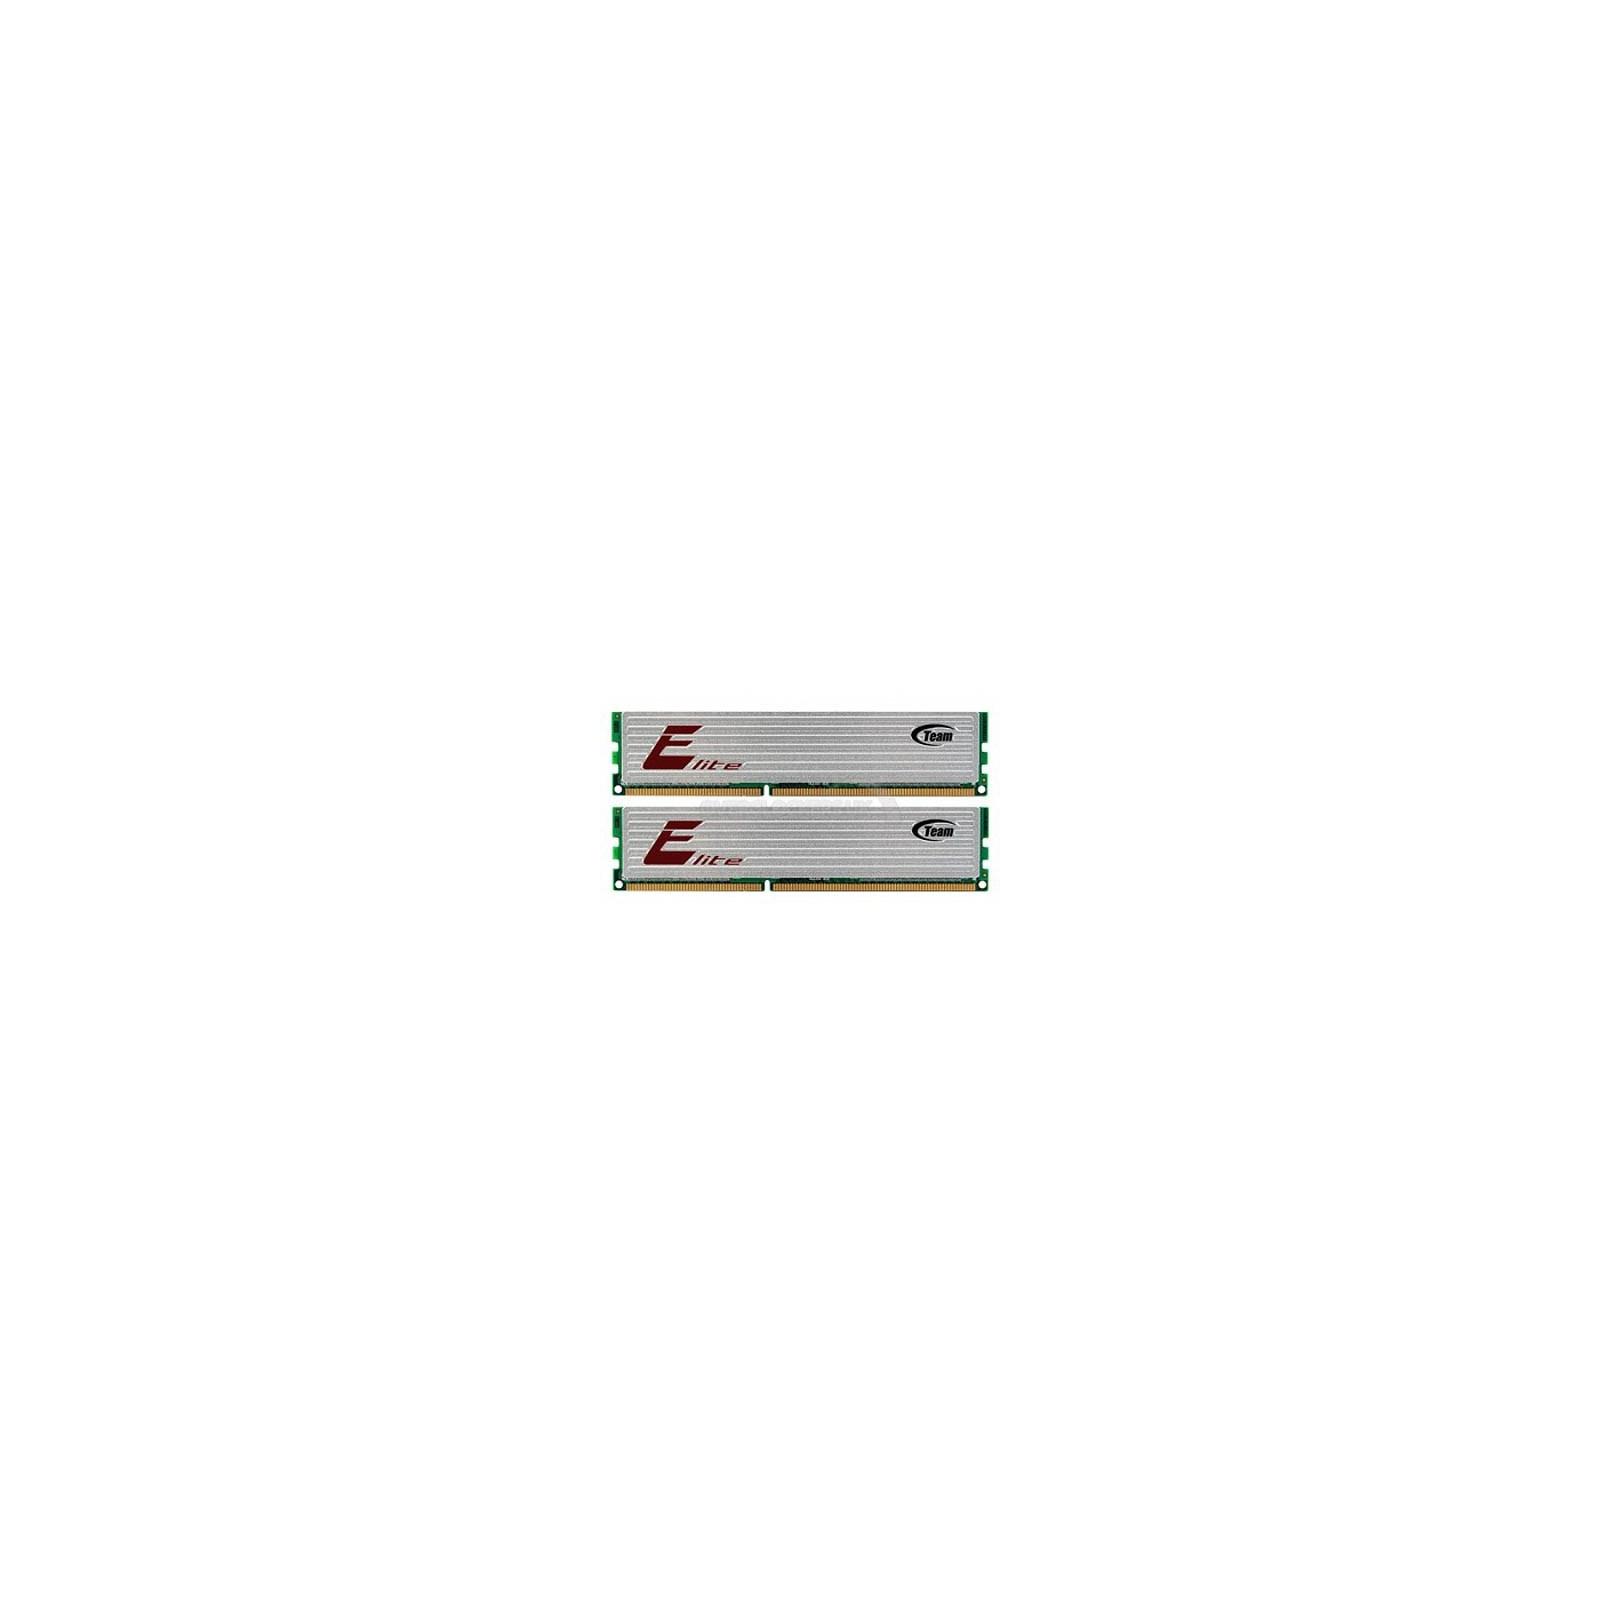 Модуль памяти для компьютера DDR3 16GB (2x8GB) 1333 MHz Team (TED316G1333HC9DC01)